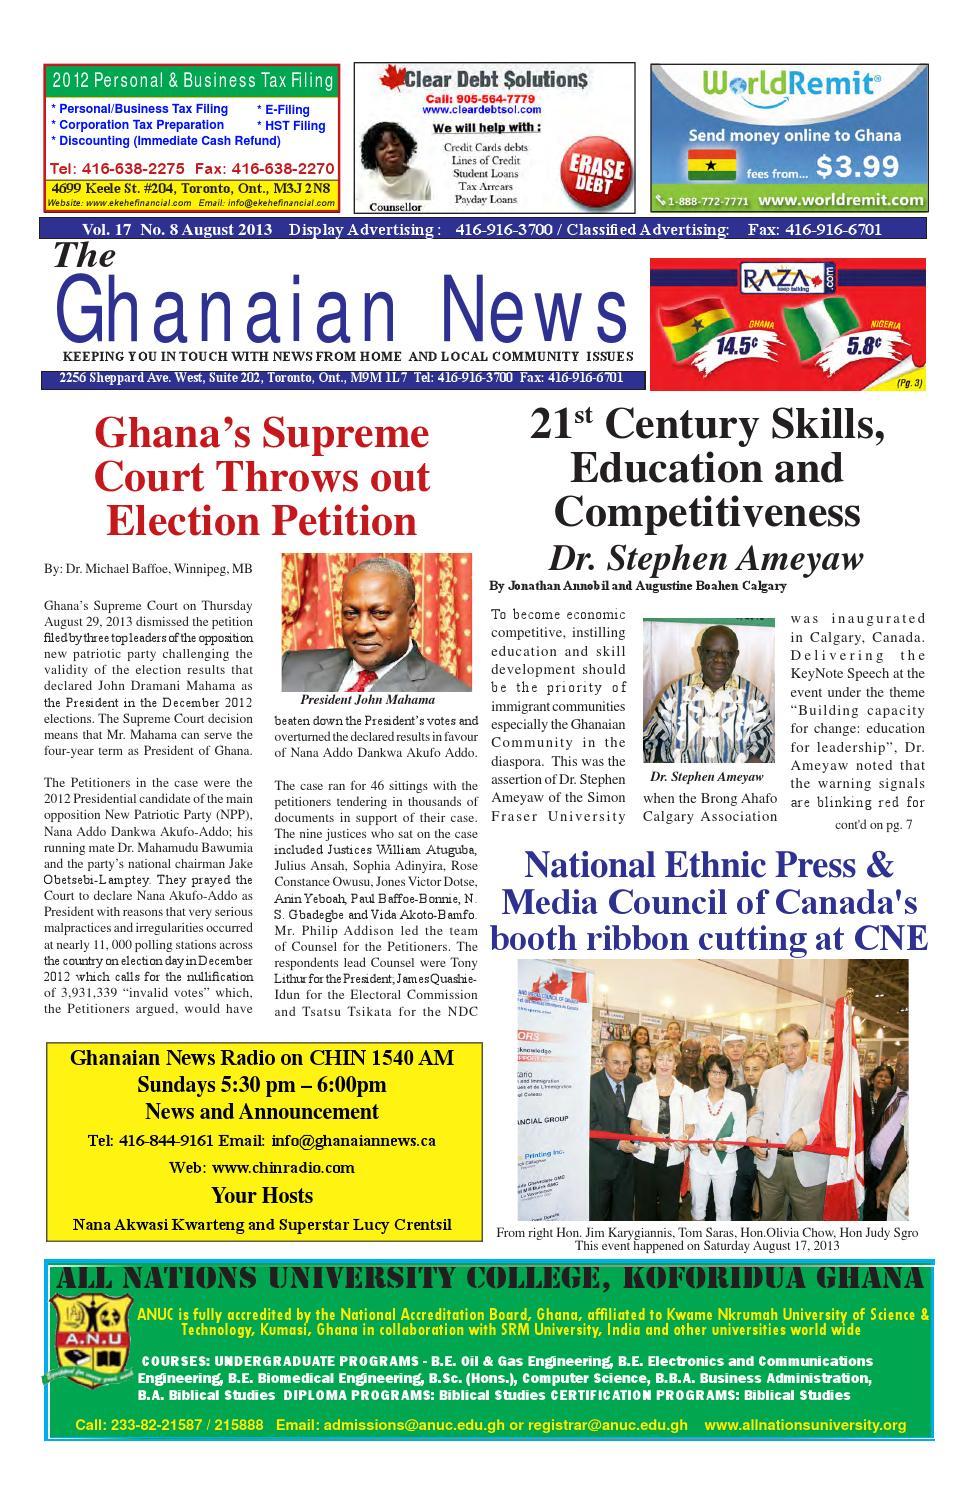 Ghanaian News - August 2013 Edition by Emmanuel Ayiku - issuu